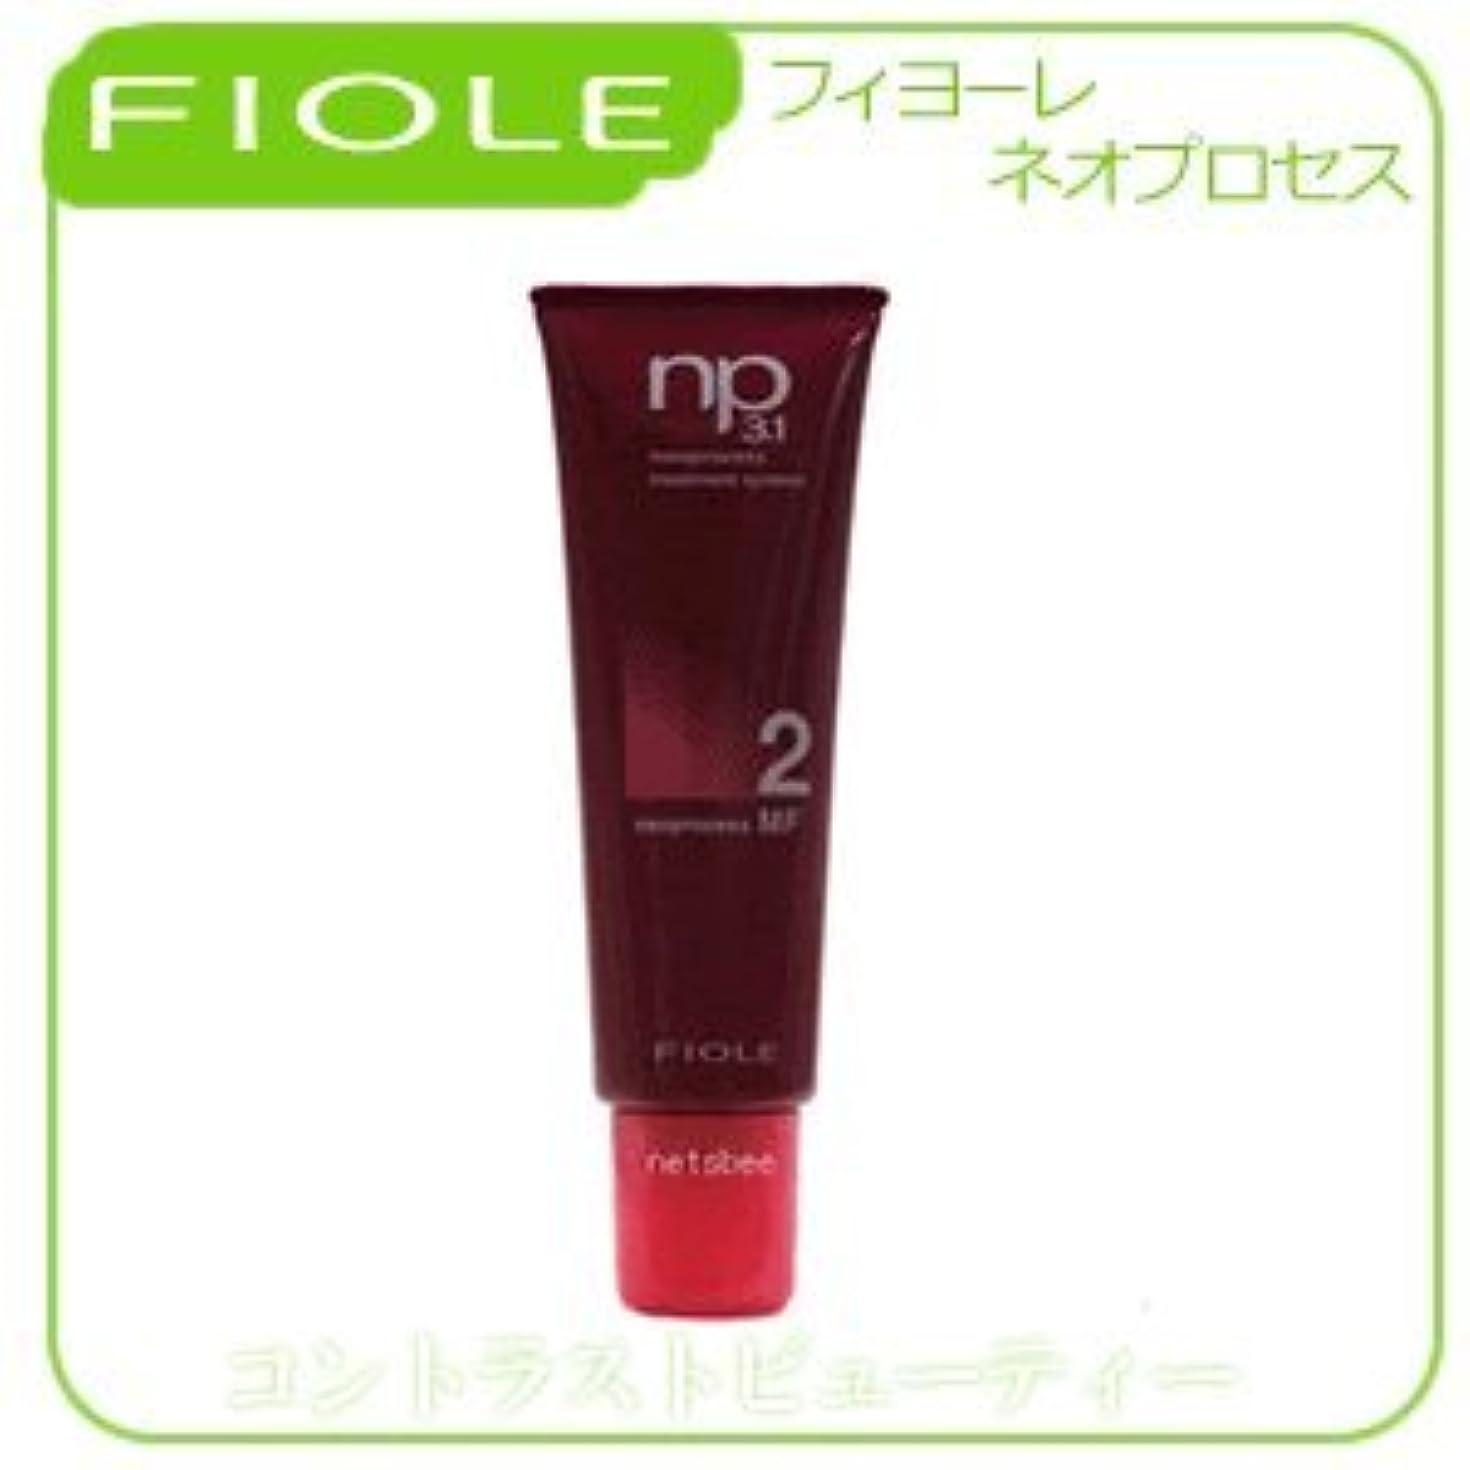 調停者内向きアニメーションフィヨーレ NP3.1 ネオプロセス MF2 130g FIOLE ネオプロセス